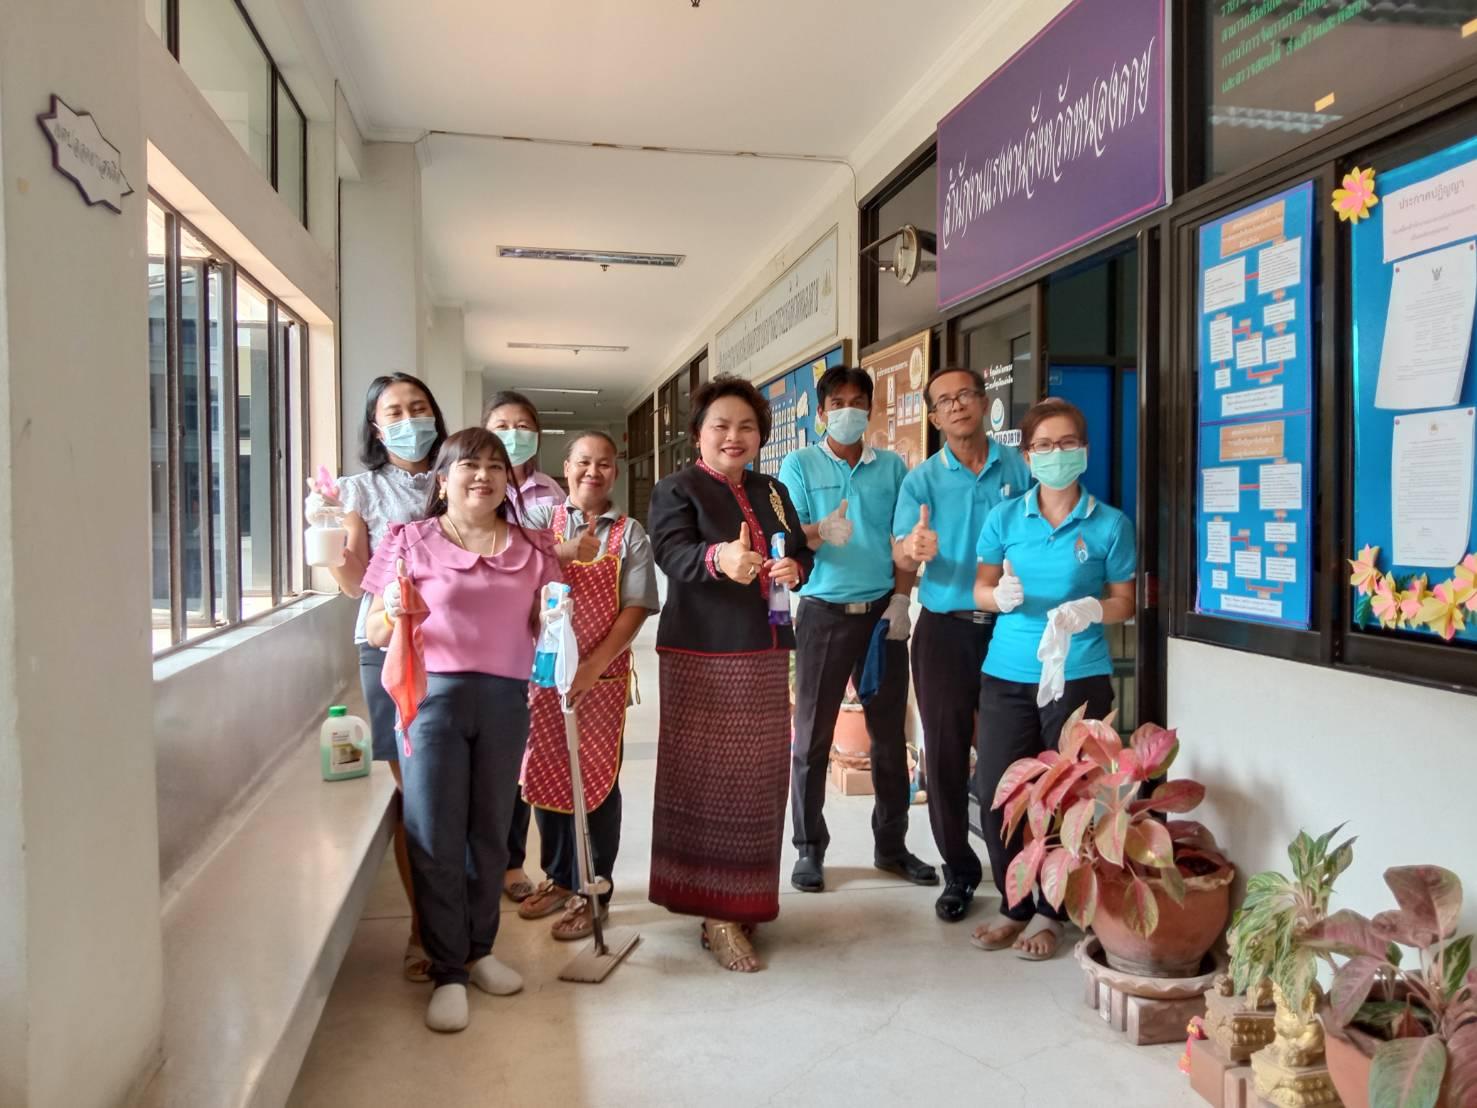 แรงงานจังหวัดหนองคาย นำทีมทำความสะอาดกิจกรรม big Cleaning เพื่อลดความเสี่ยงการแพร่ระบาดเชื้อไวรัสโคโรนา 2019 (COVIS -19)